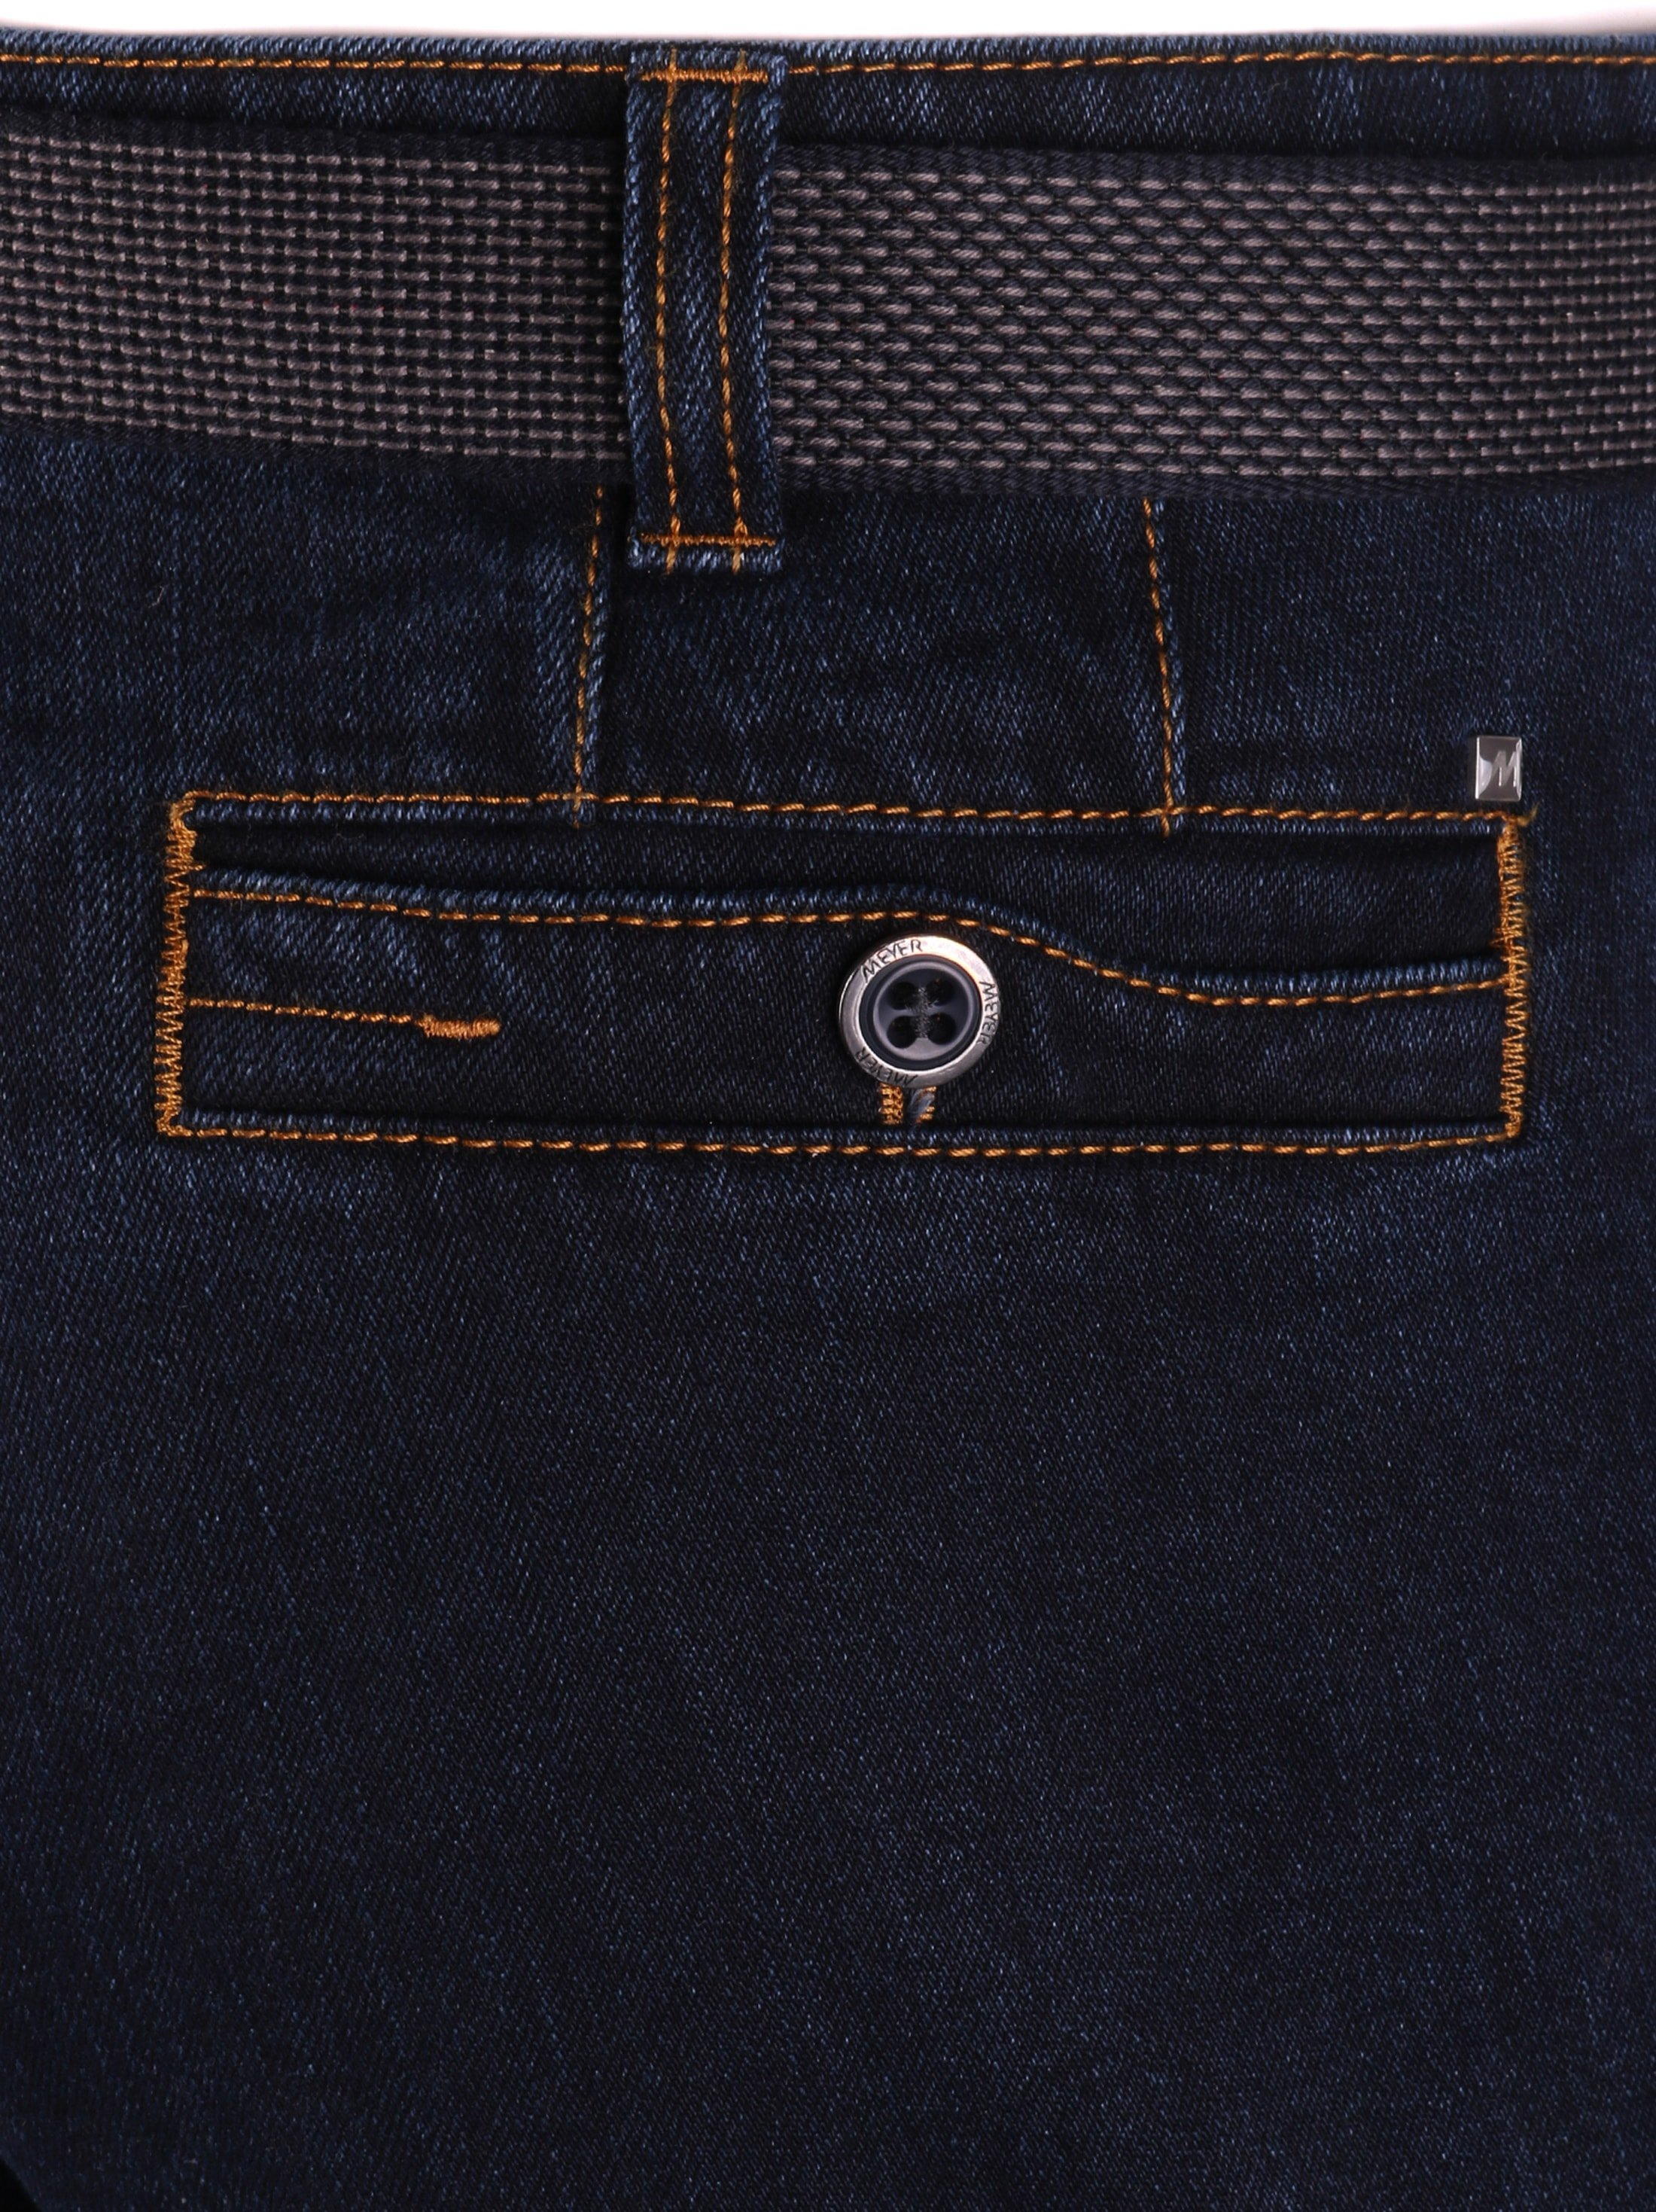 Meyer Jeans Diego Blue foto 4